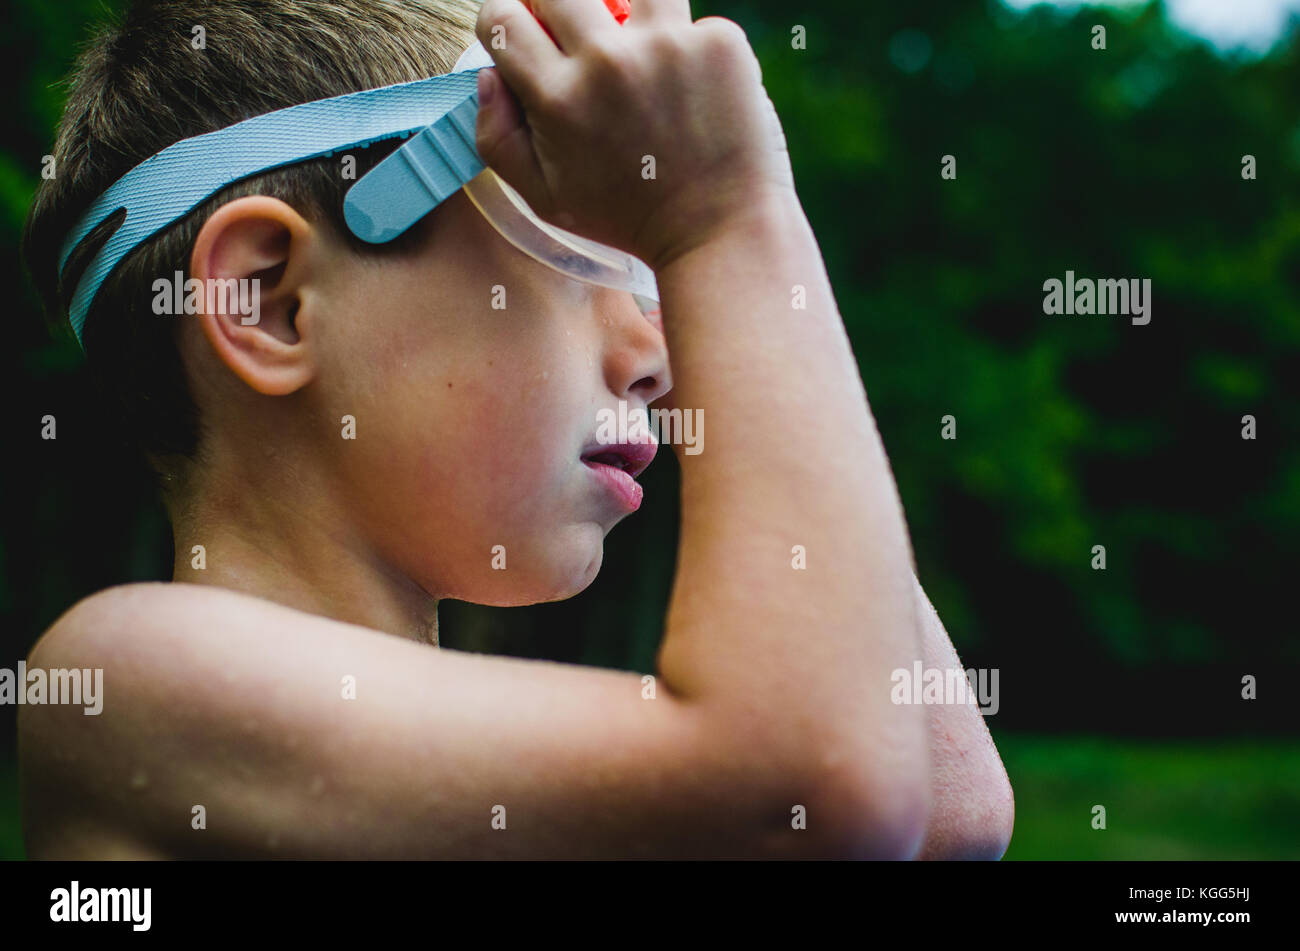 Un joven se ajusta sus gafas de natación Imagen De Stock